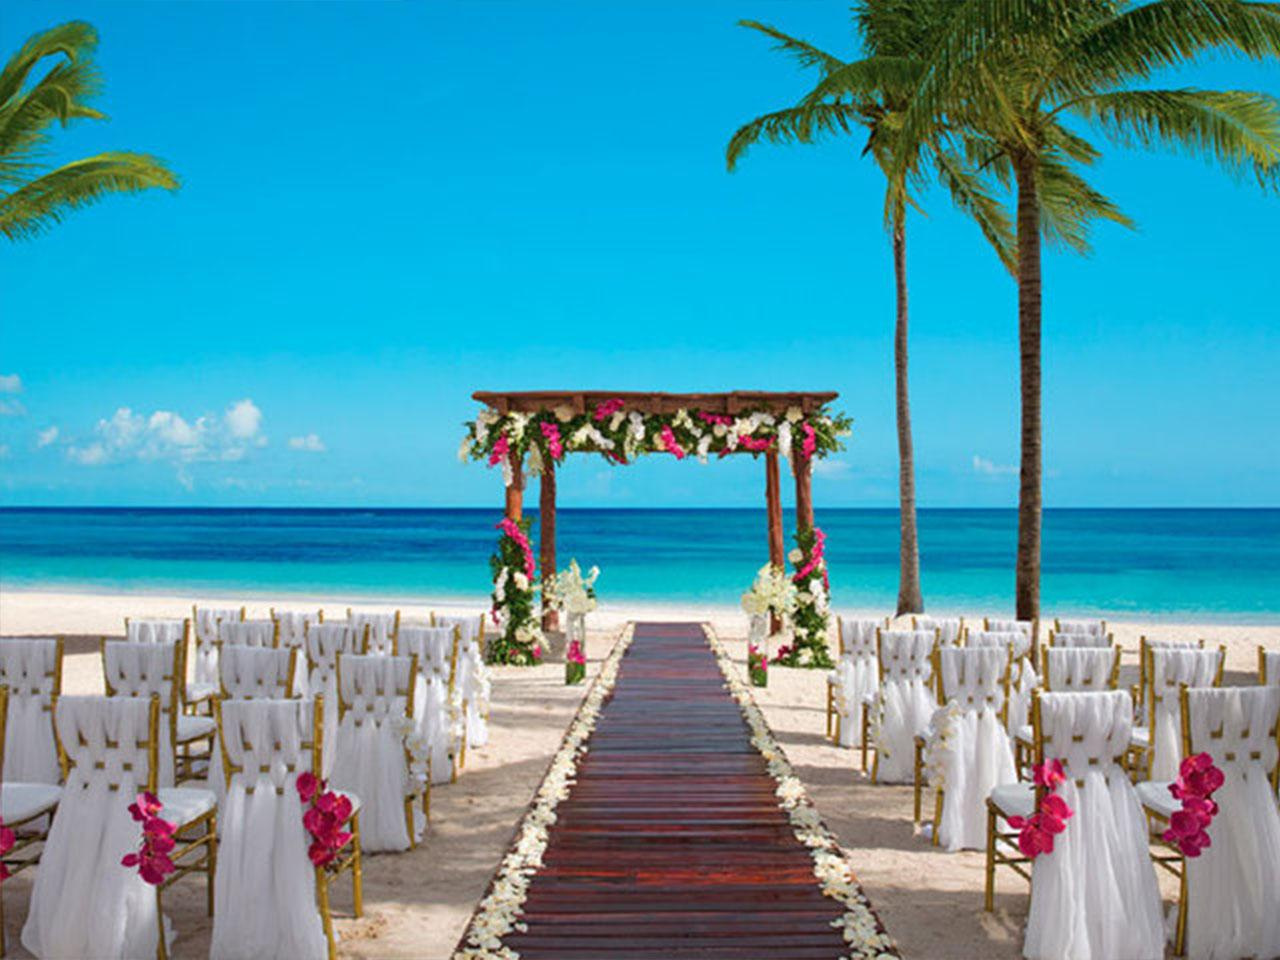 wedding Planner en Monterrey, Boda en la playa, Las mejores bodas en la playa en México -wedding Planner en Monterrey, Boda en la playa, Las mejores bodas en la playa en México